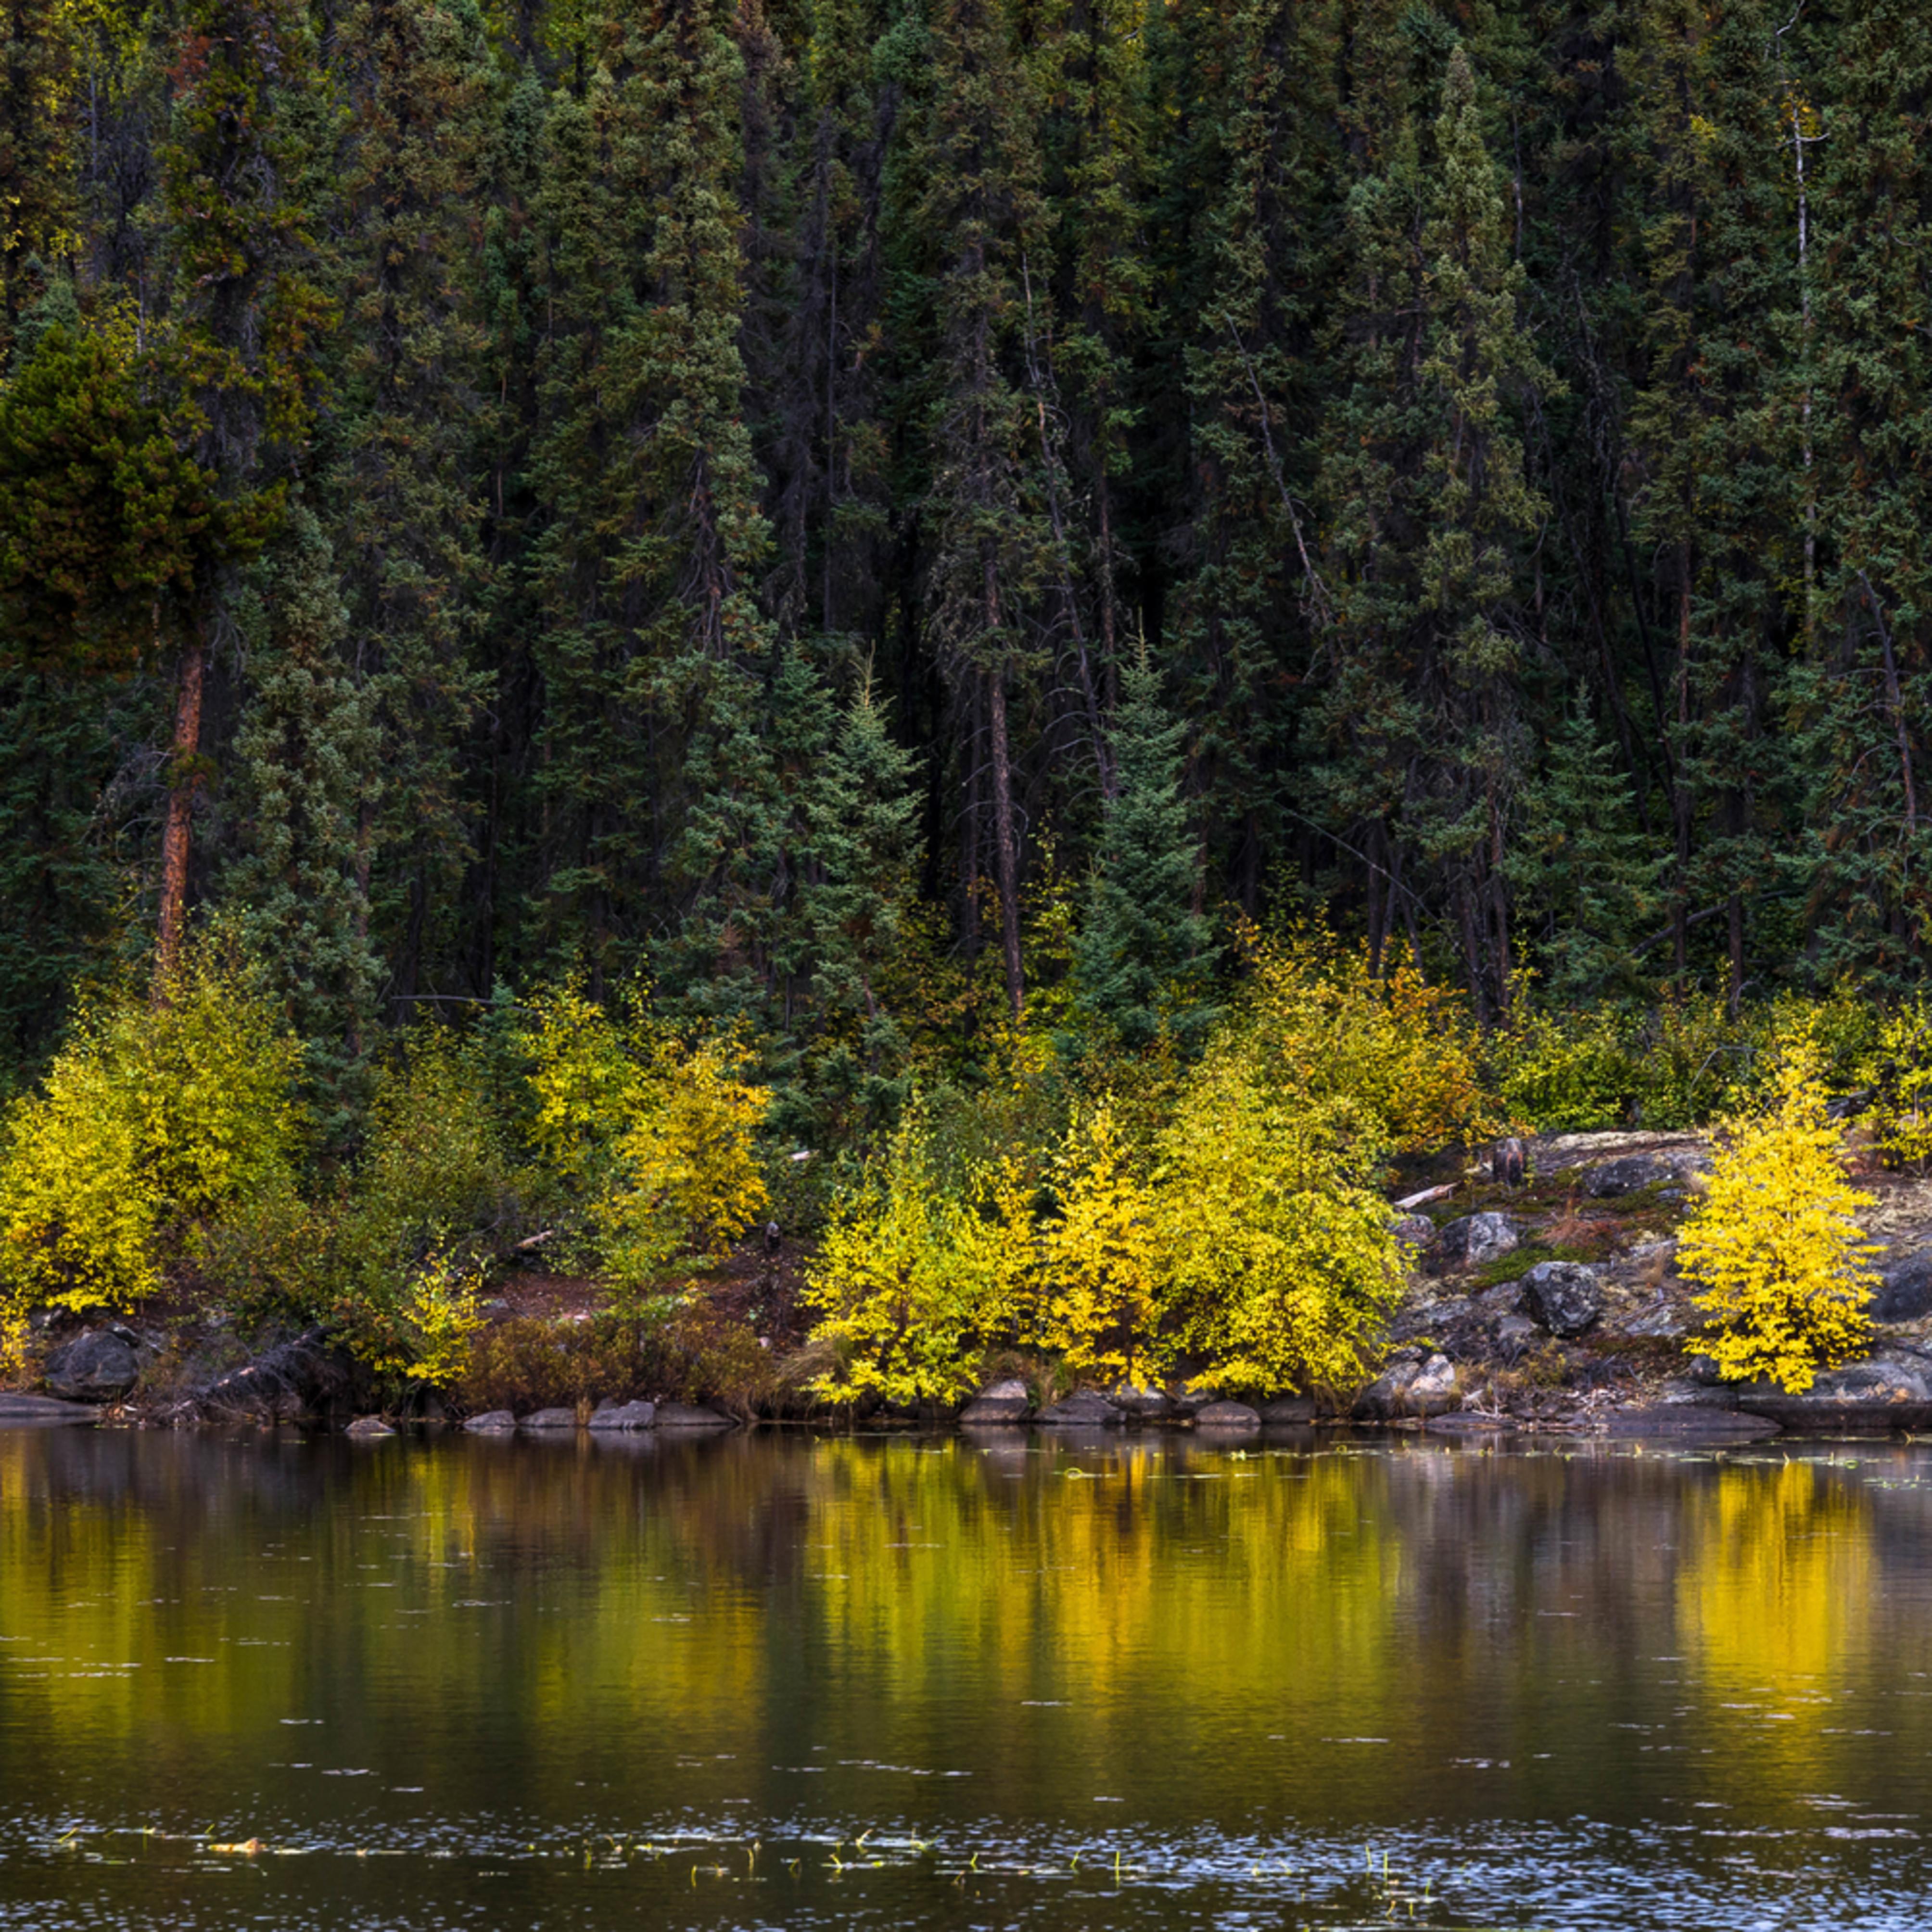 Yellowknifeday1l 15 fyqeov